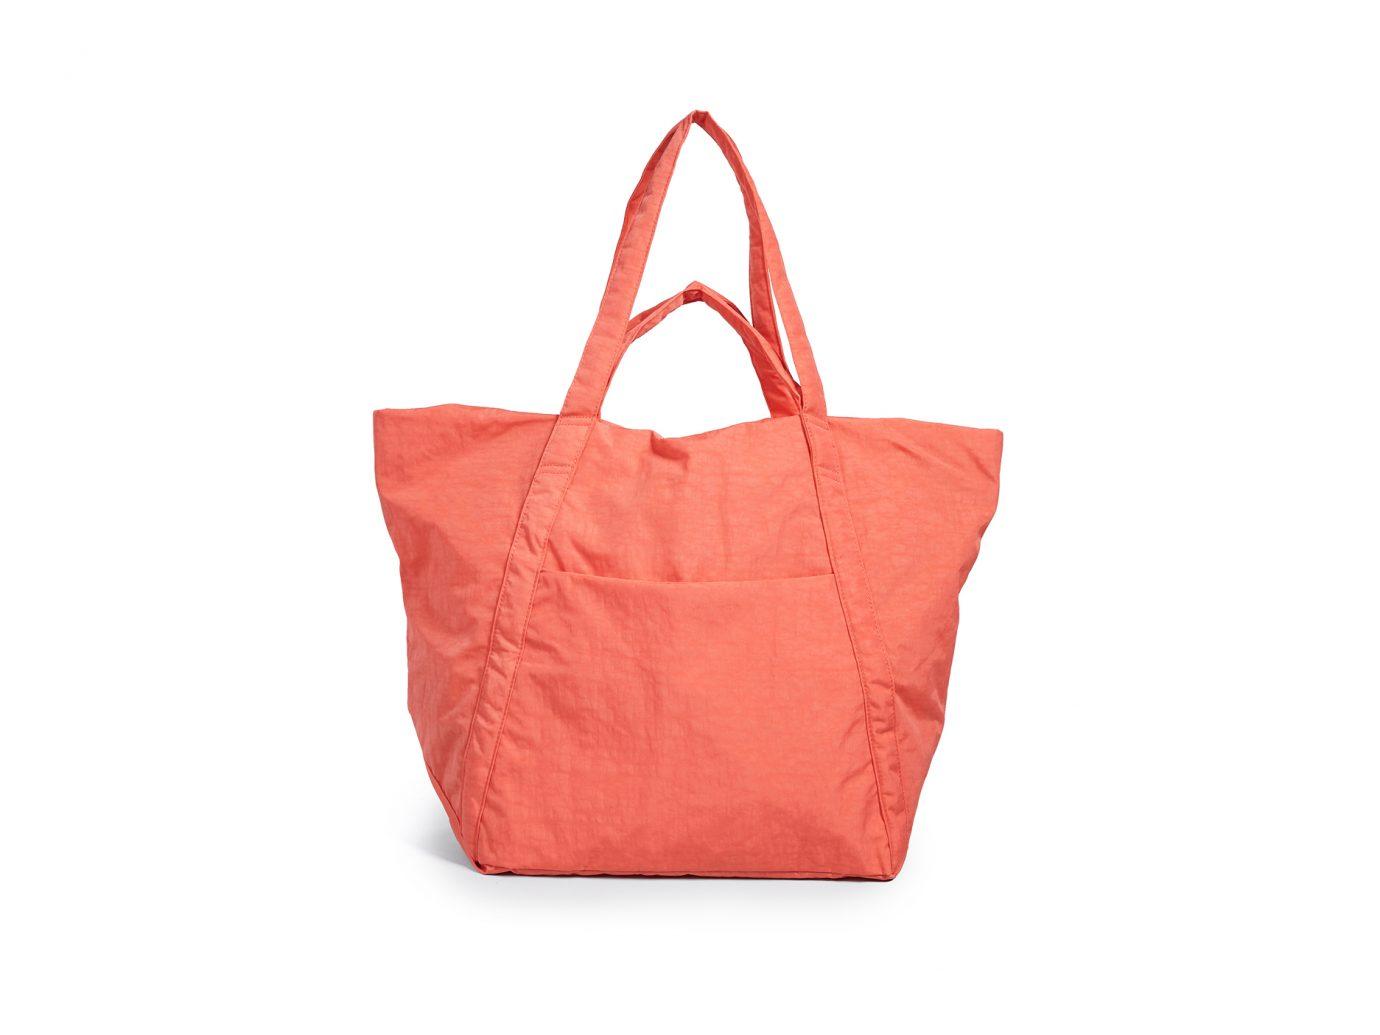 Best Weekend Bags Baggu Travel Cloud Bag